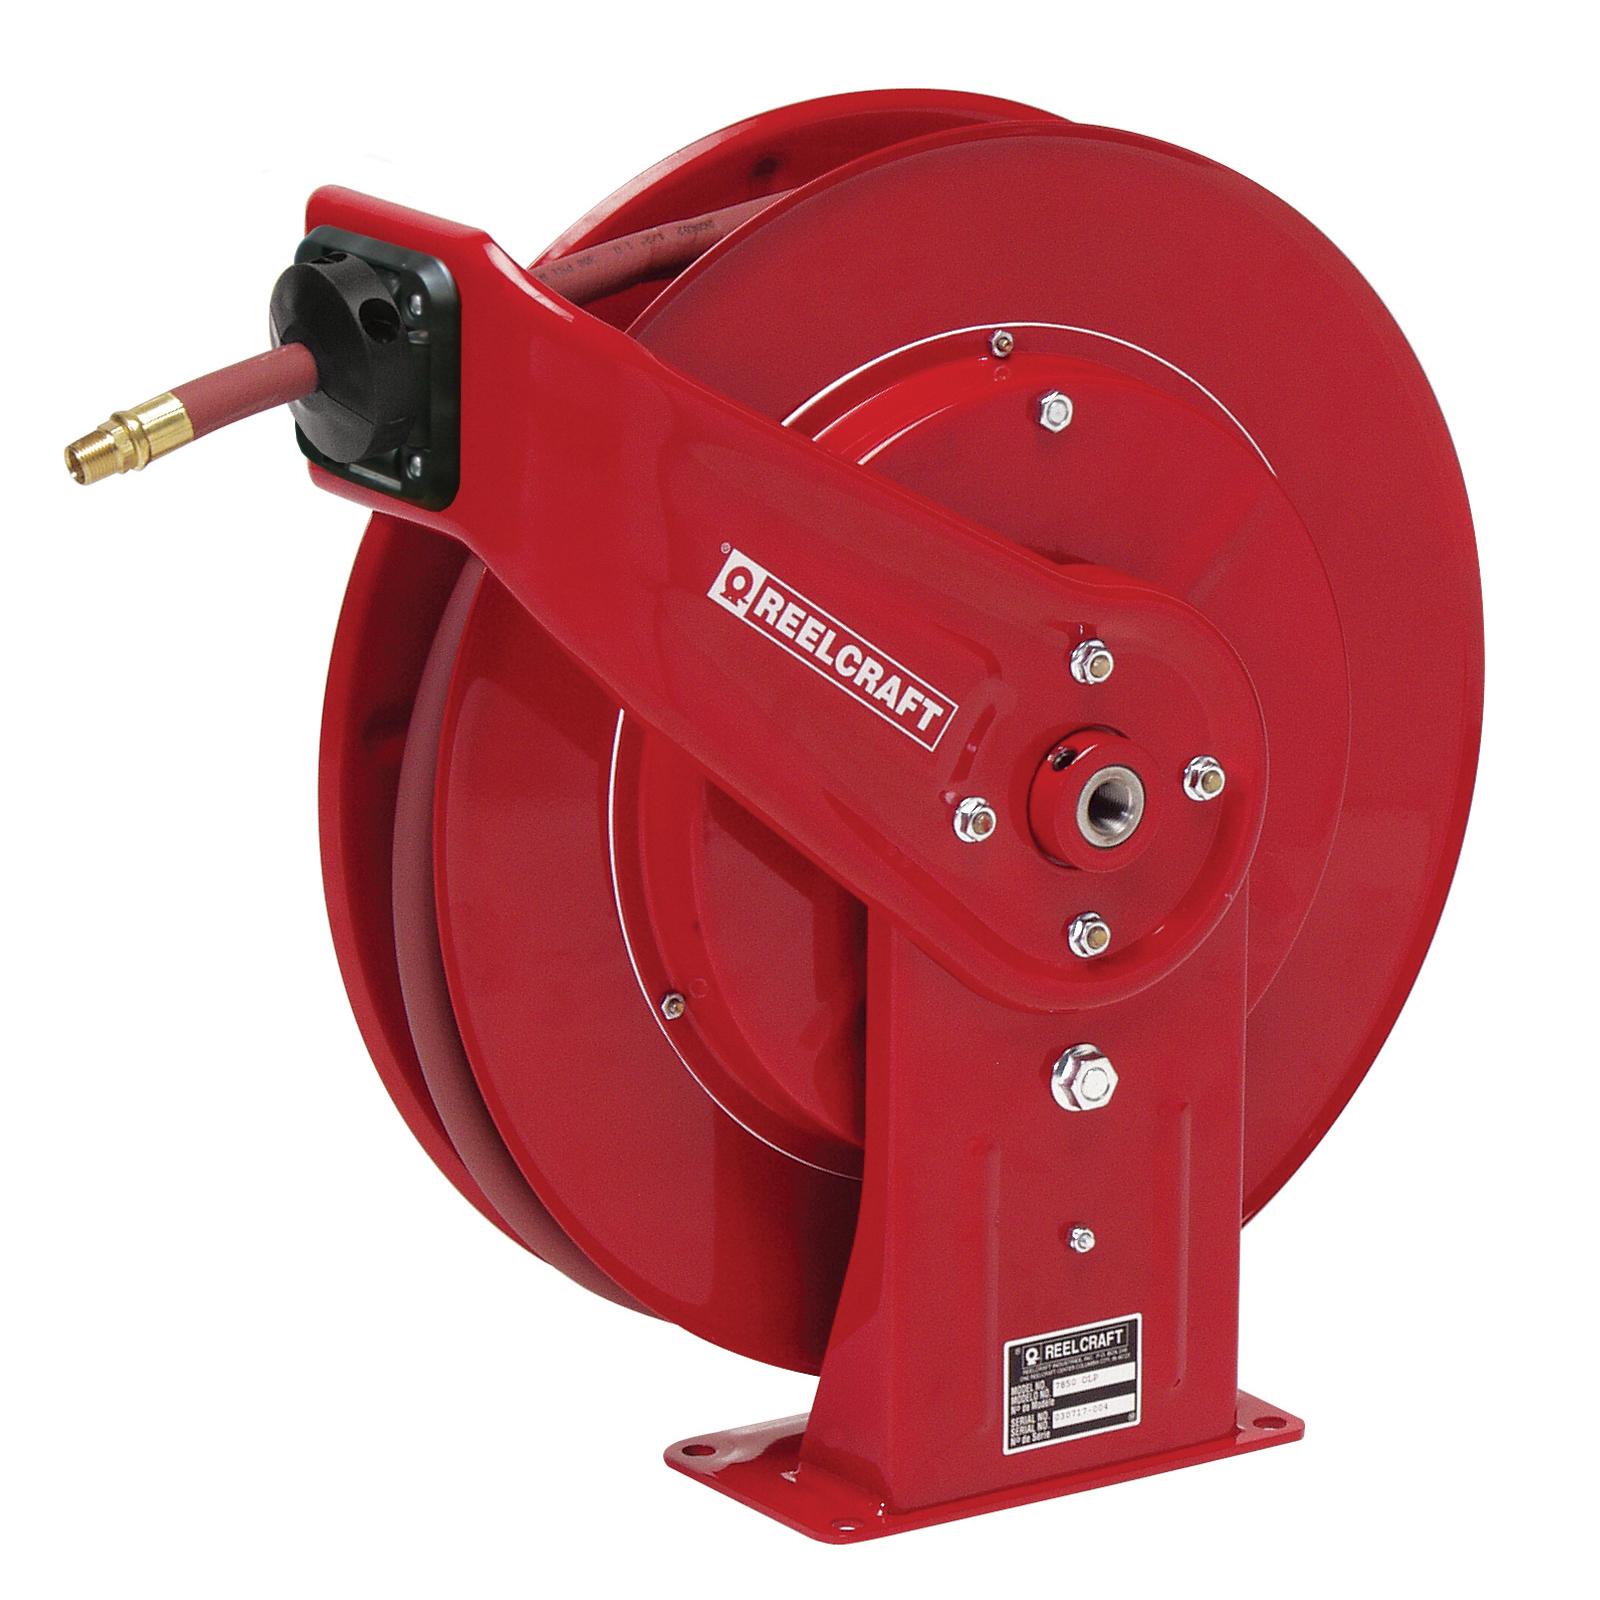 Reelcraft® 600626 Universal Wall Mounted Swing Bracket, 10-1/2 in L x 5 in W x 5-1/2 in H, Steel, Black, Import